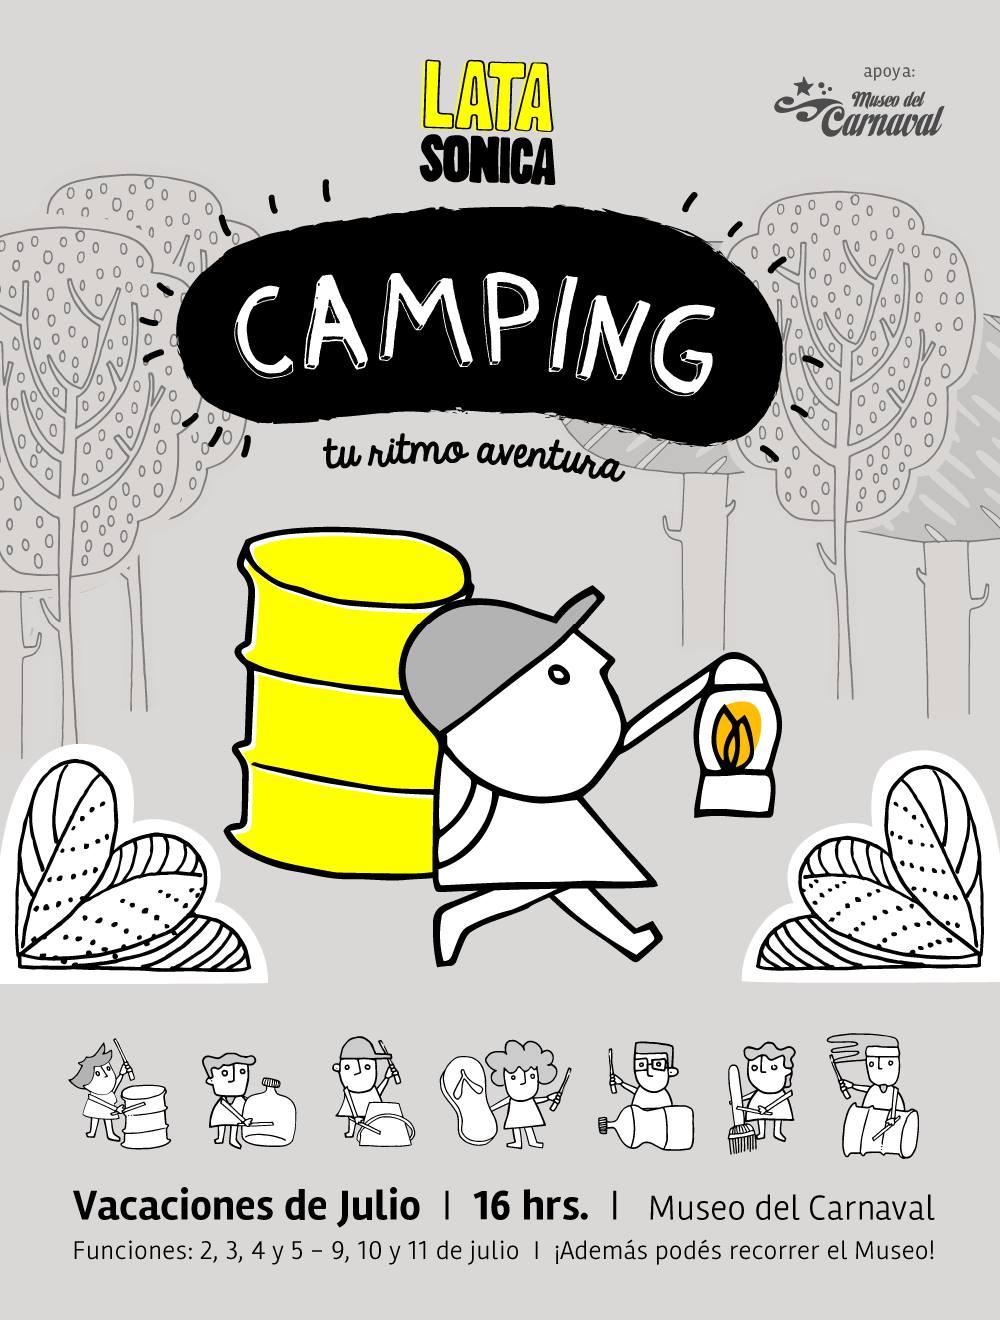 CAMPING, tu ritmo aventura